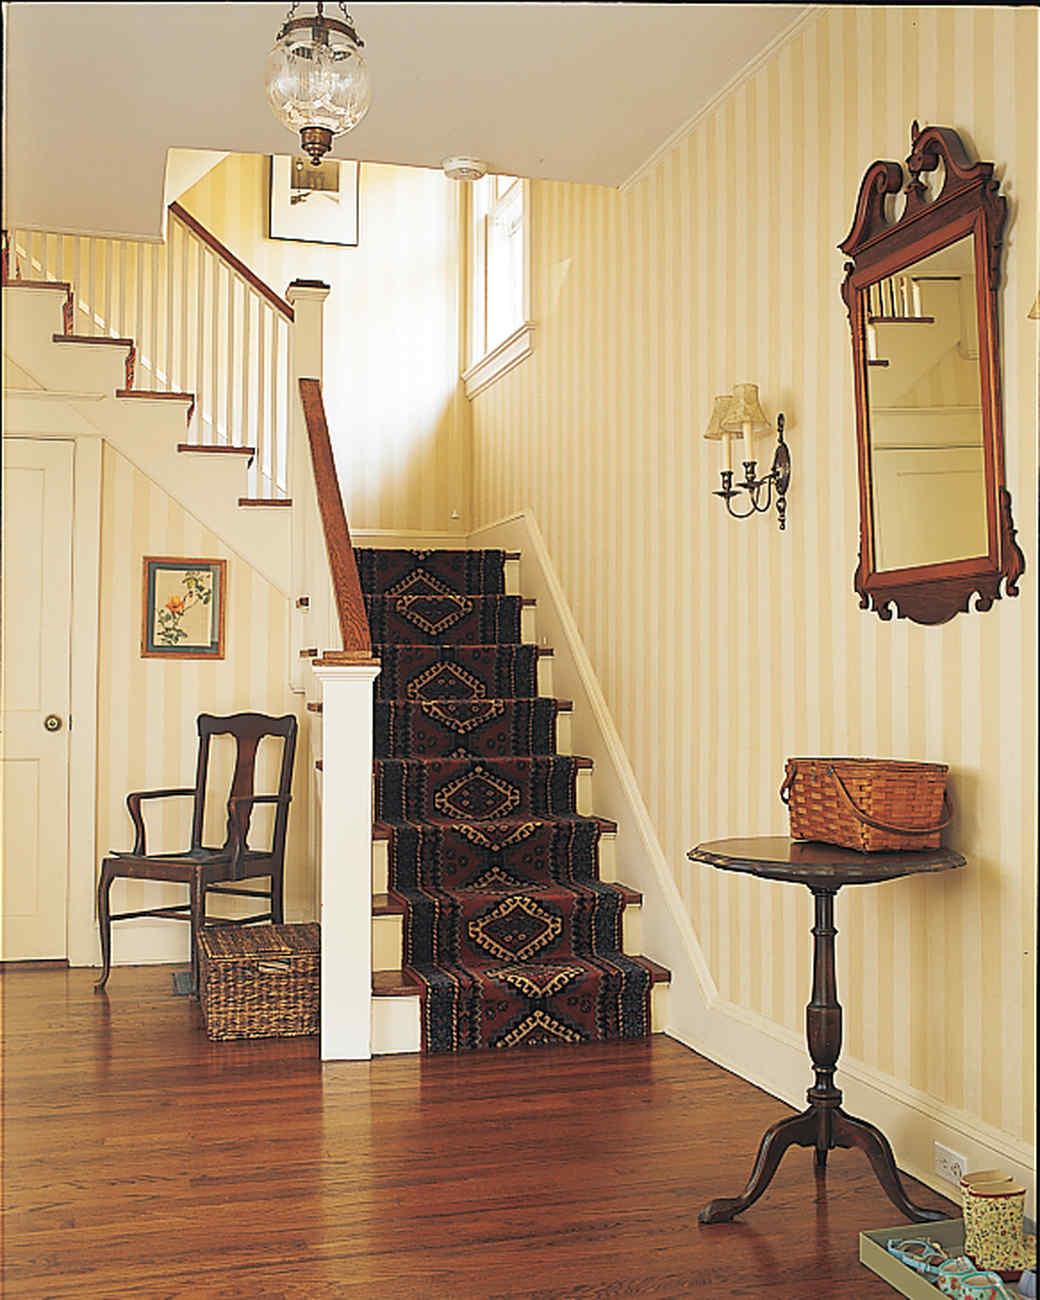 living-room-full-house-31-d101972-0915.jpg